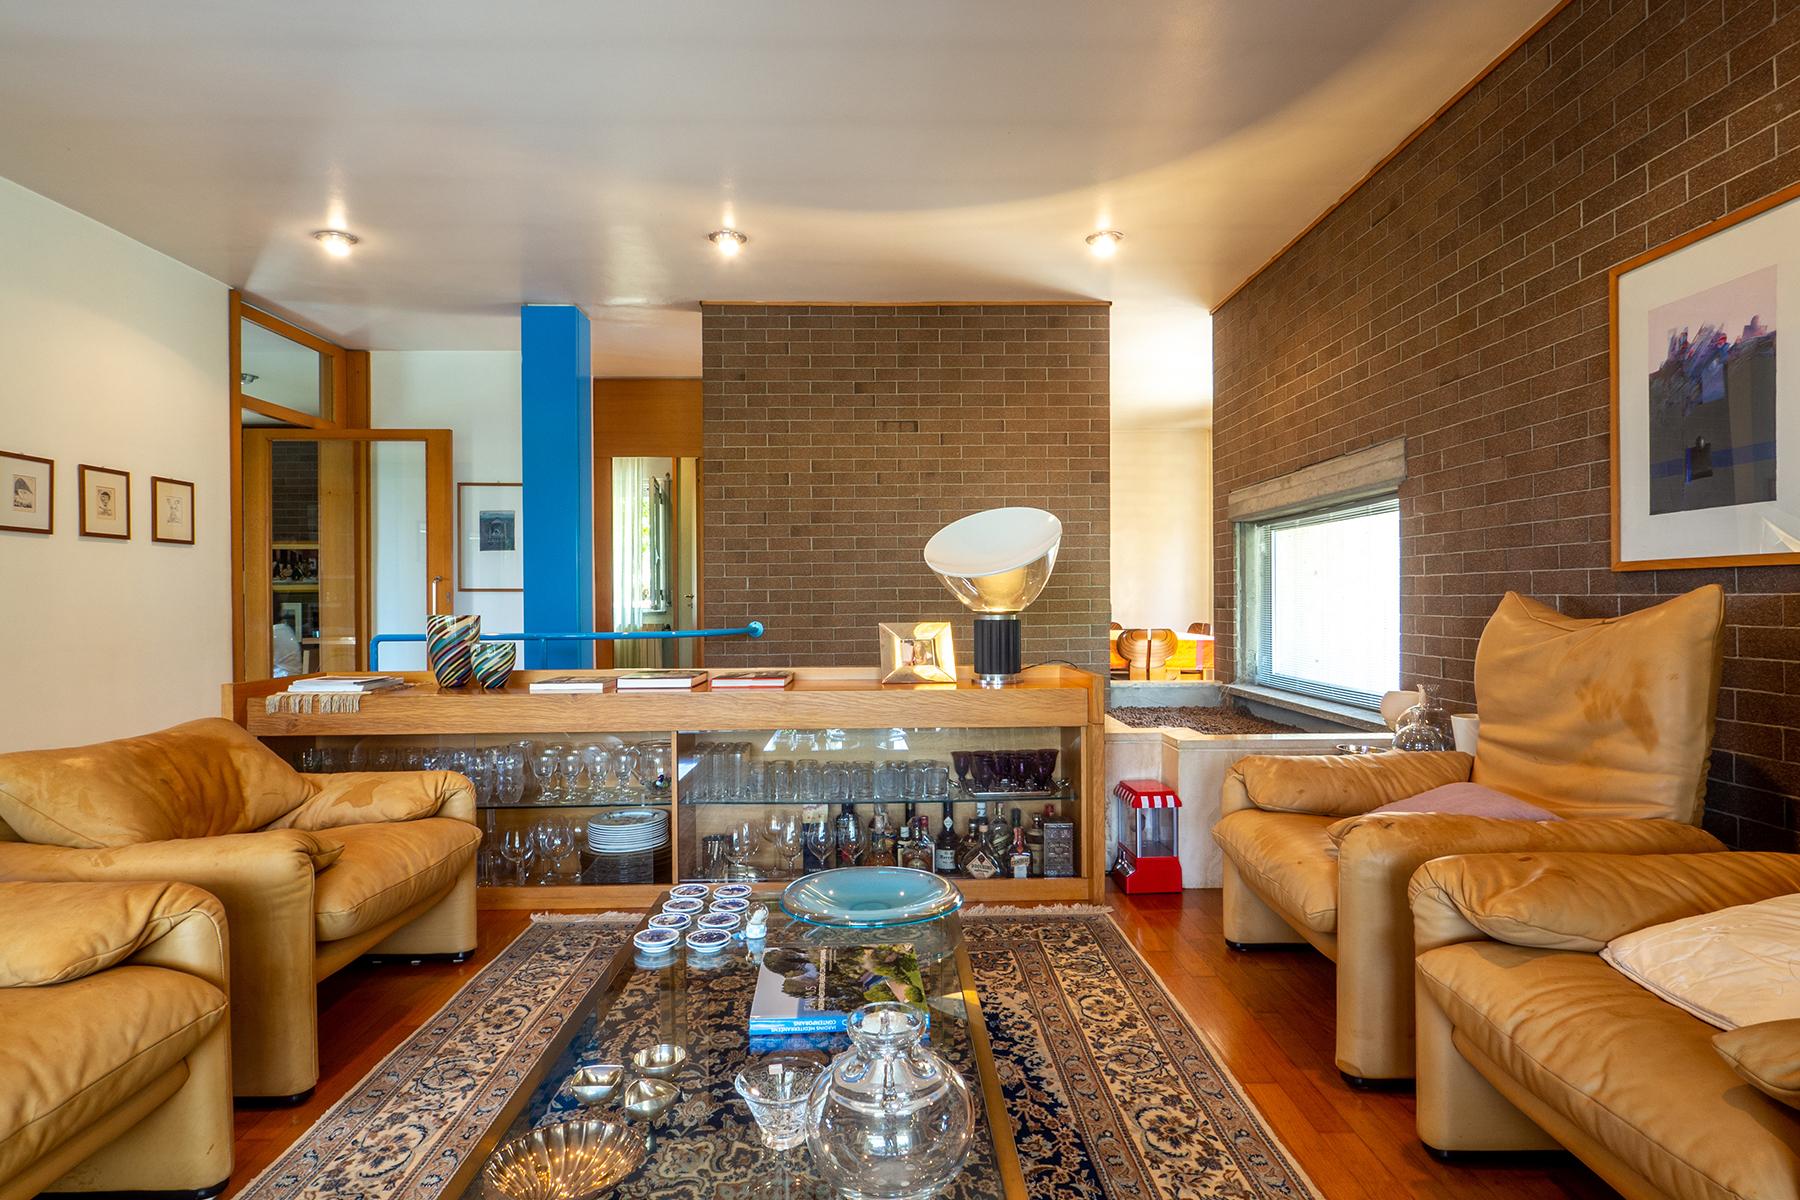 Casa indipendente in Vendita a Rosignano Monferrato: 5 locali, 290 mq - Foto 15